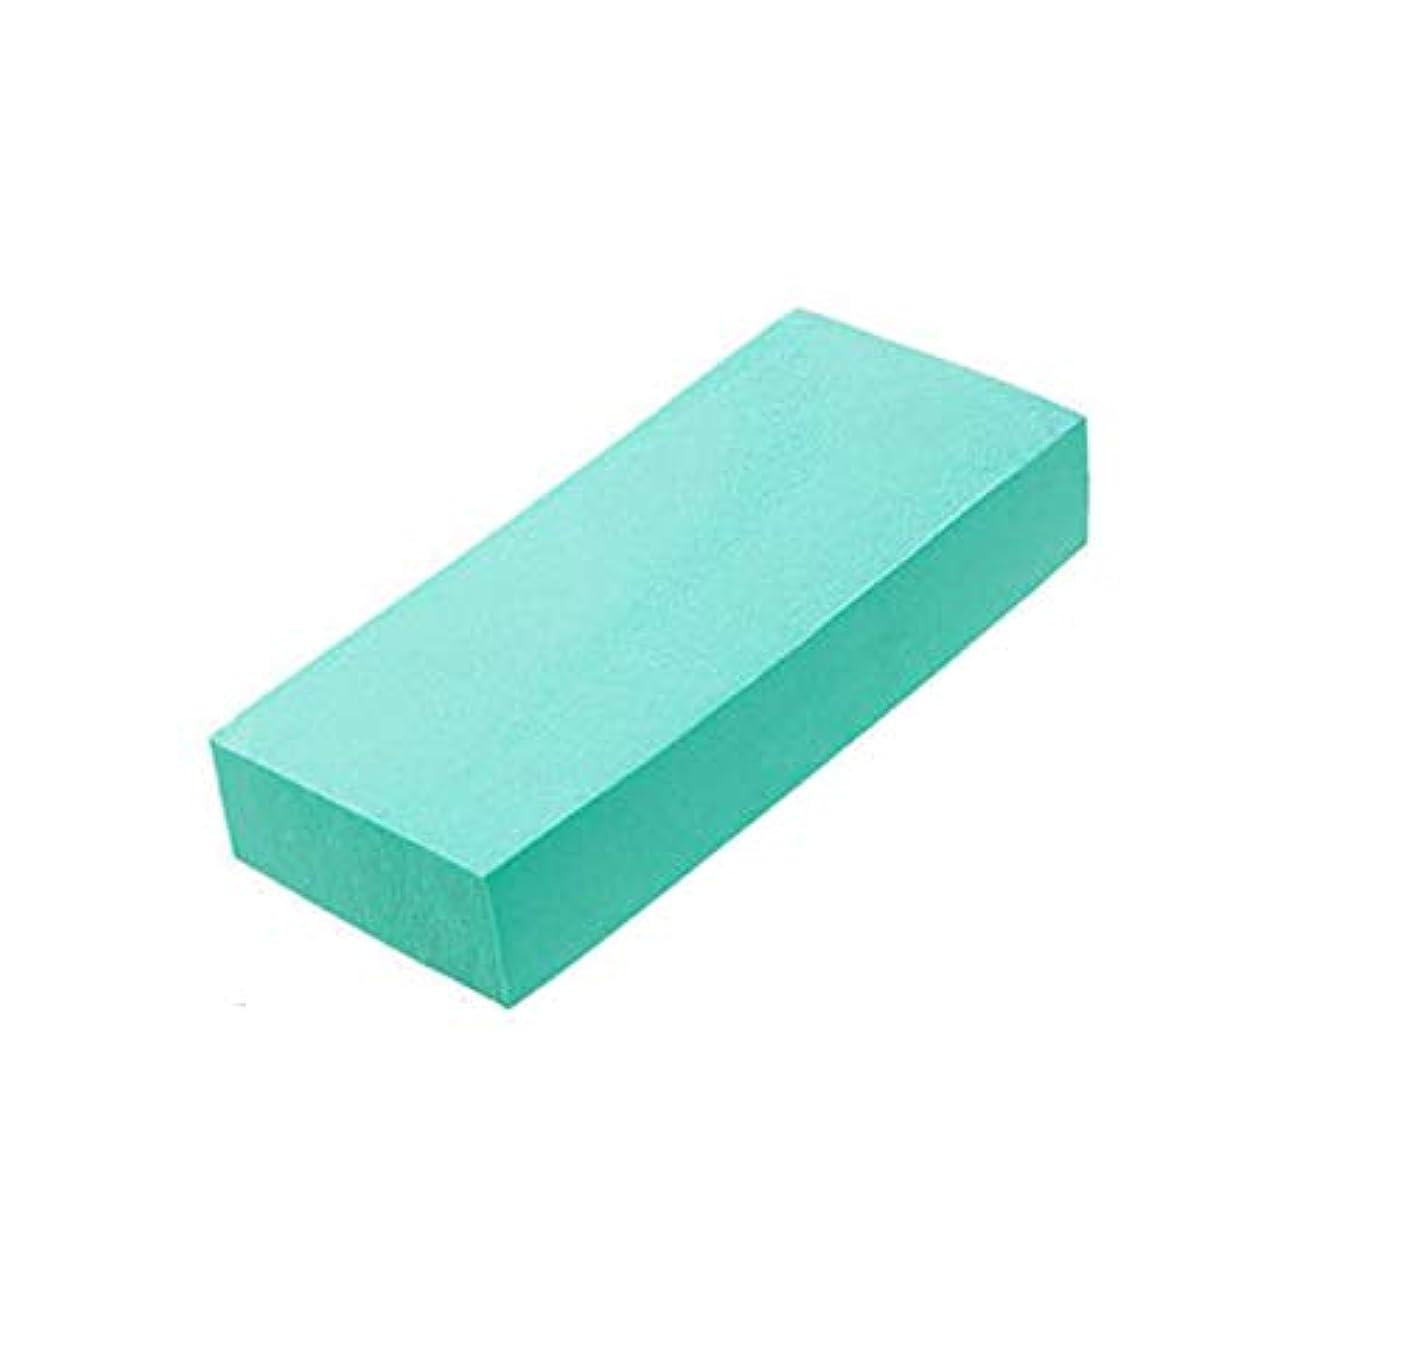 蜜本質的ではないゴシップHJ ボディスポンジ やわらか 泡立ち ソフト シャワースポンジ お風呂 背中 業務用 家庭用 綿 バスグッズ (1個セット 色ランダム)